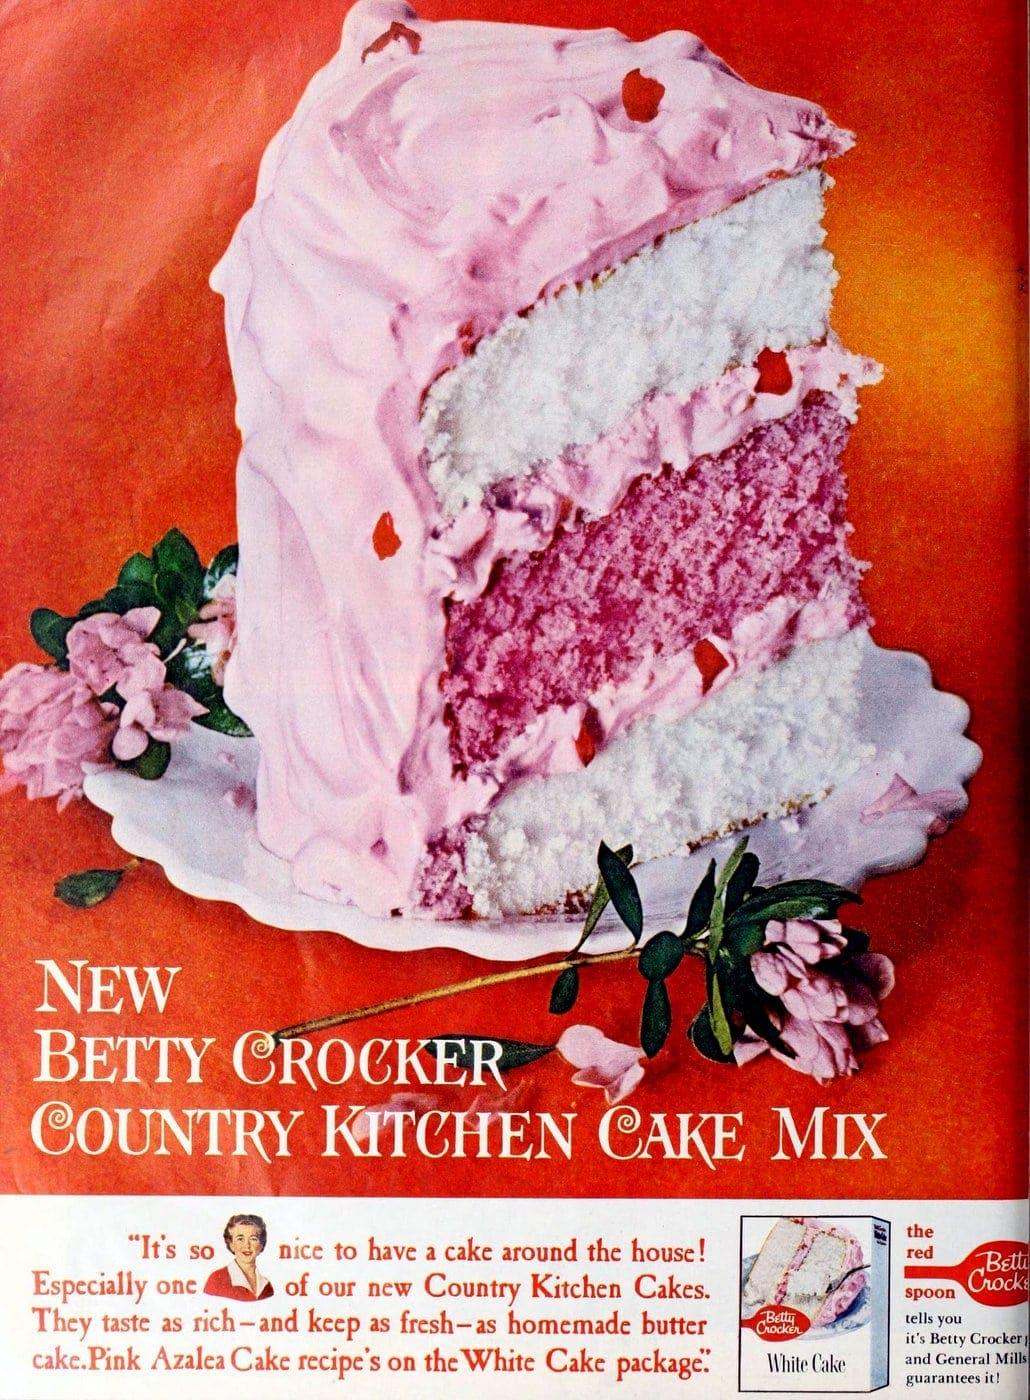 Betty Crocker Country Kitchen cake mix (1960)